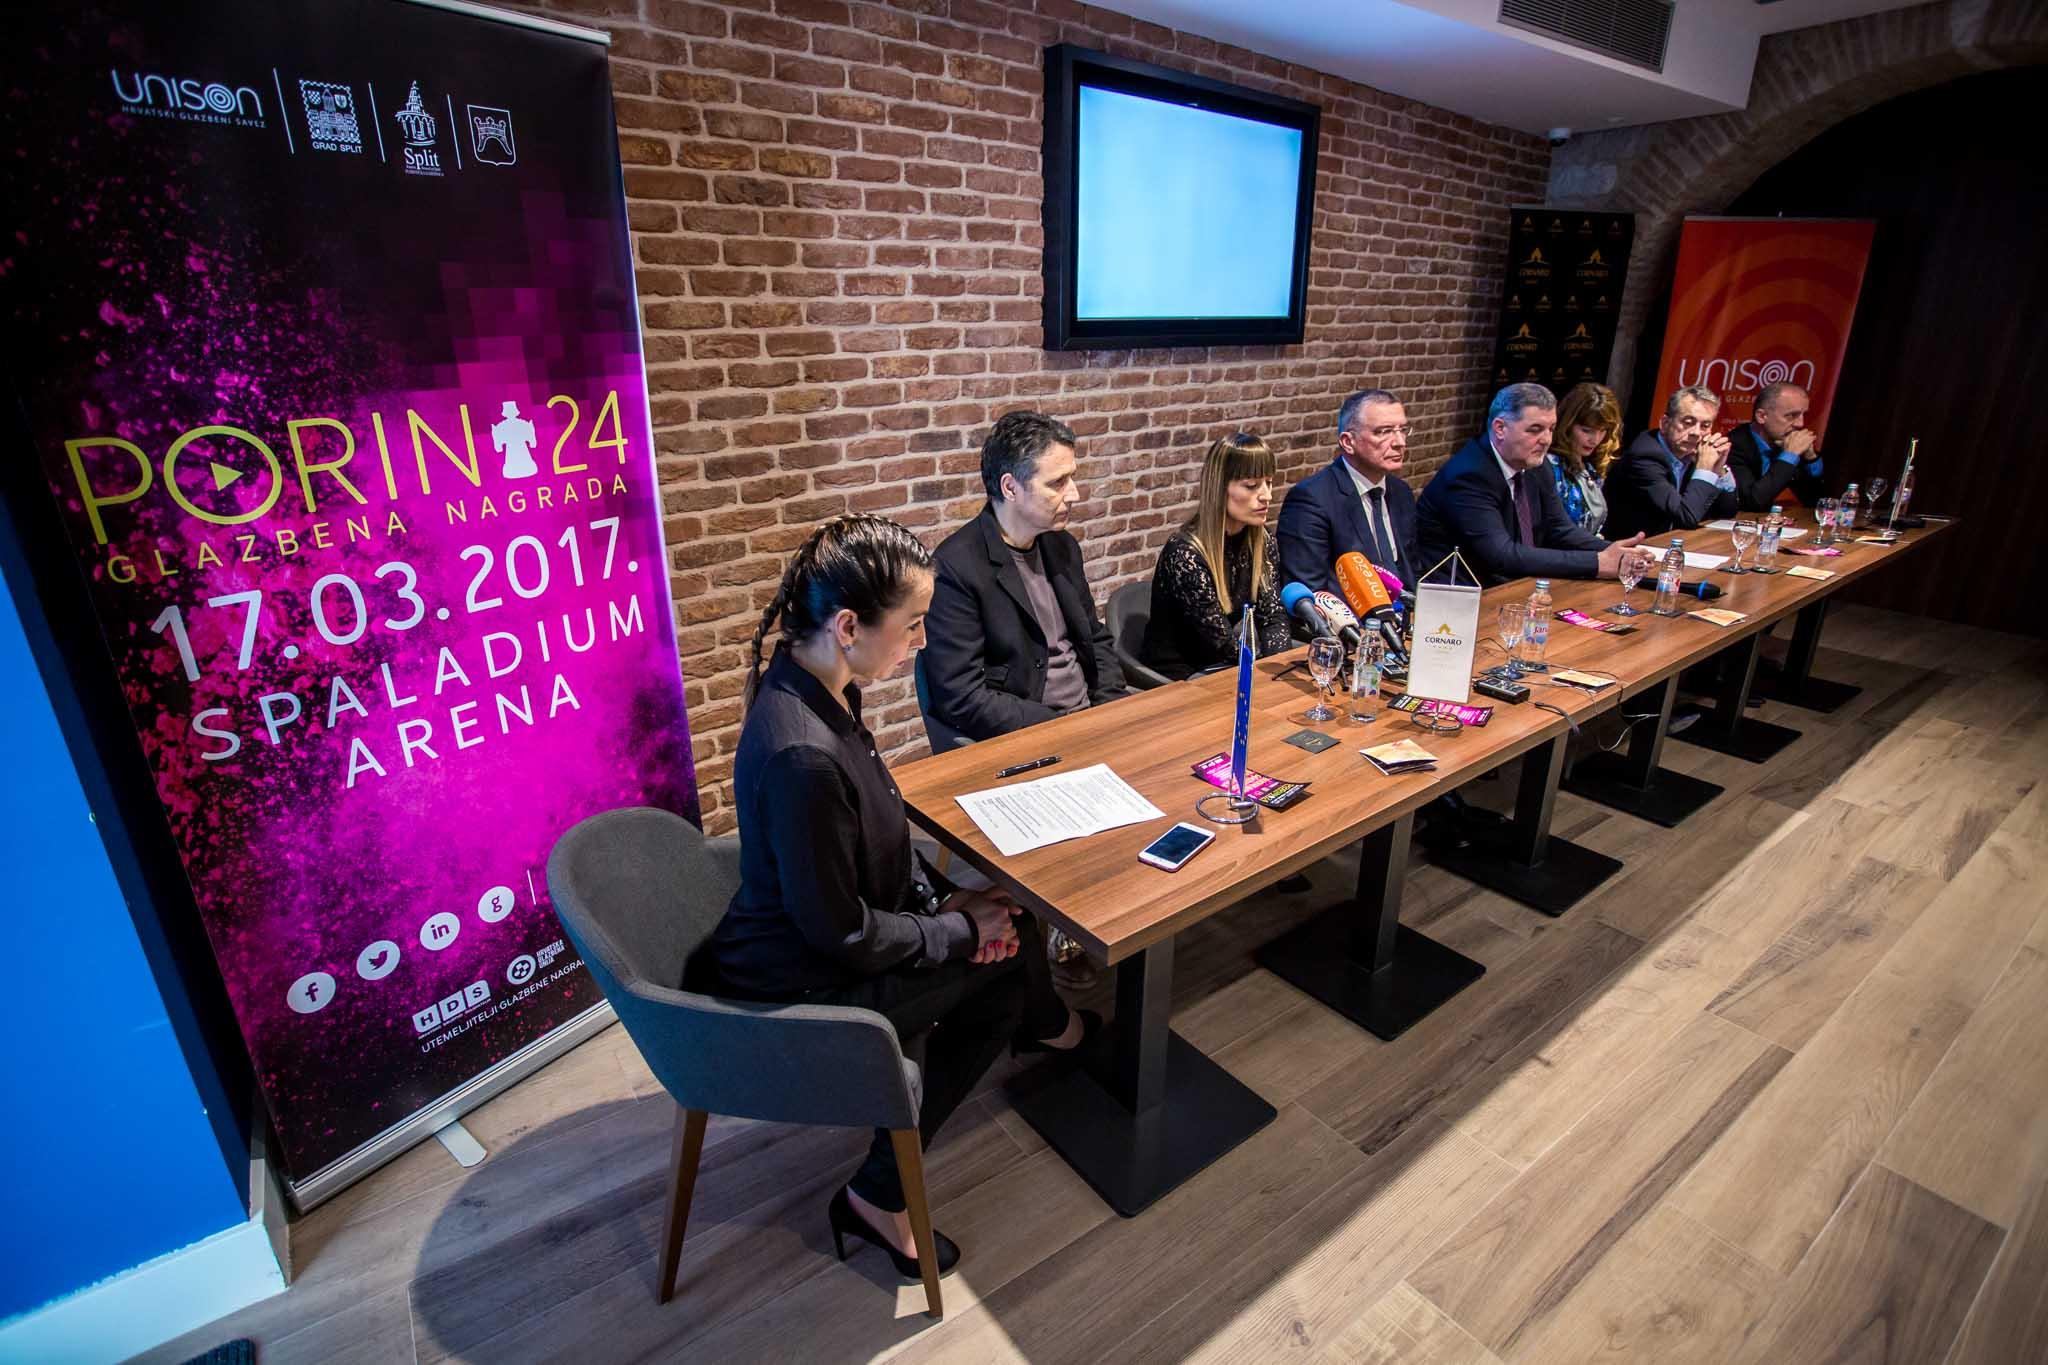 """U sklopu Tjedna Porina u hotelu Cornaro održala se konferencija za medije """"Treća godina Porina u Splitu""""."""